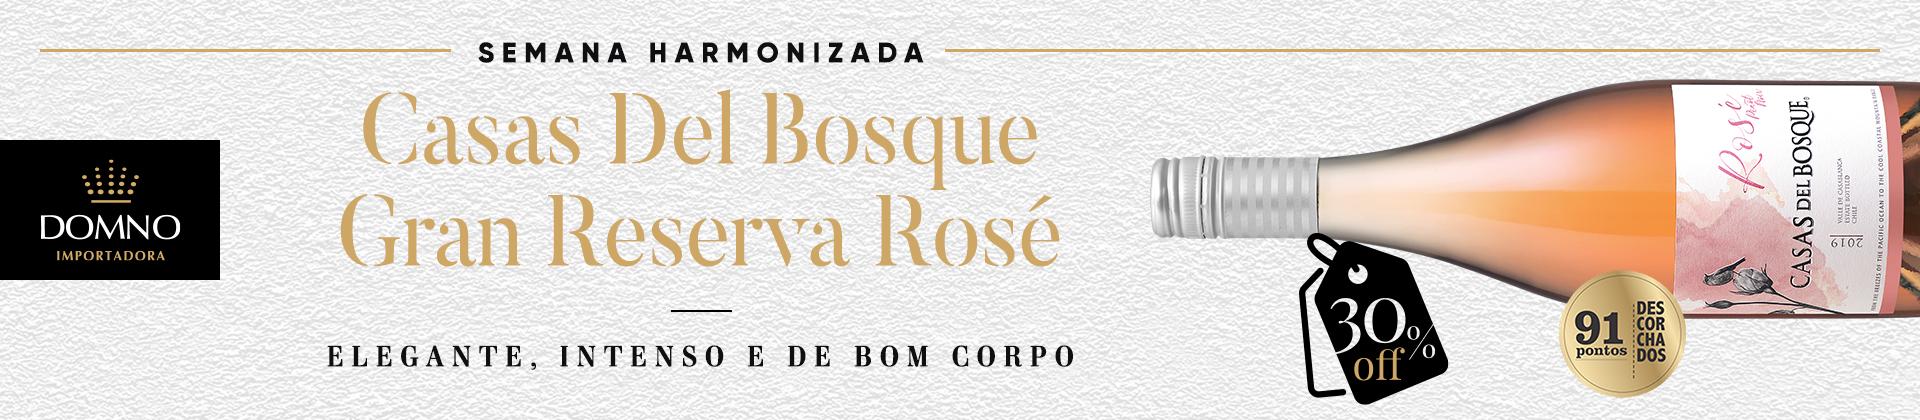 Terça Harmonizada CDB Rosé (1920x420)